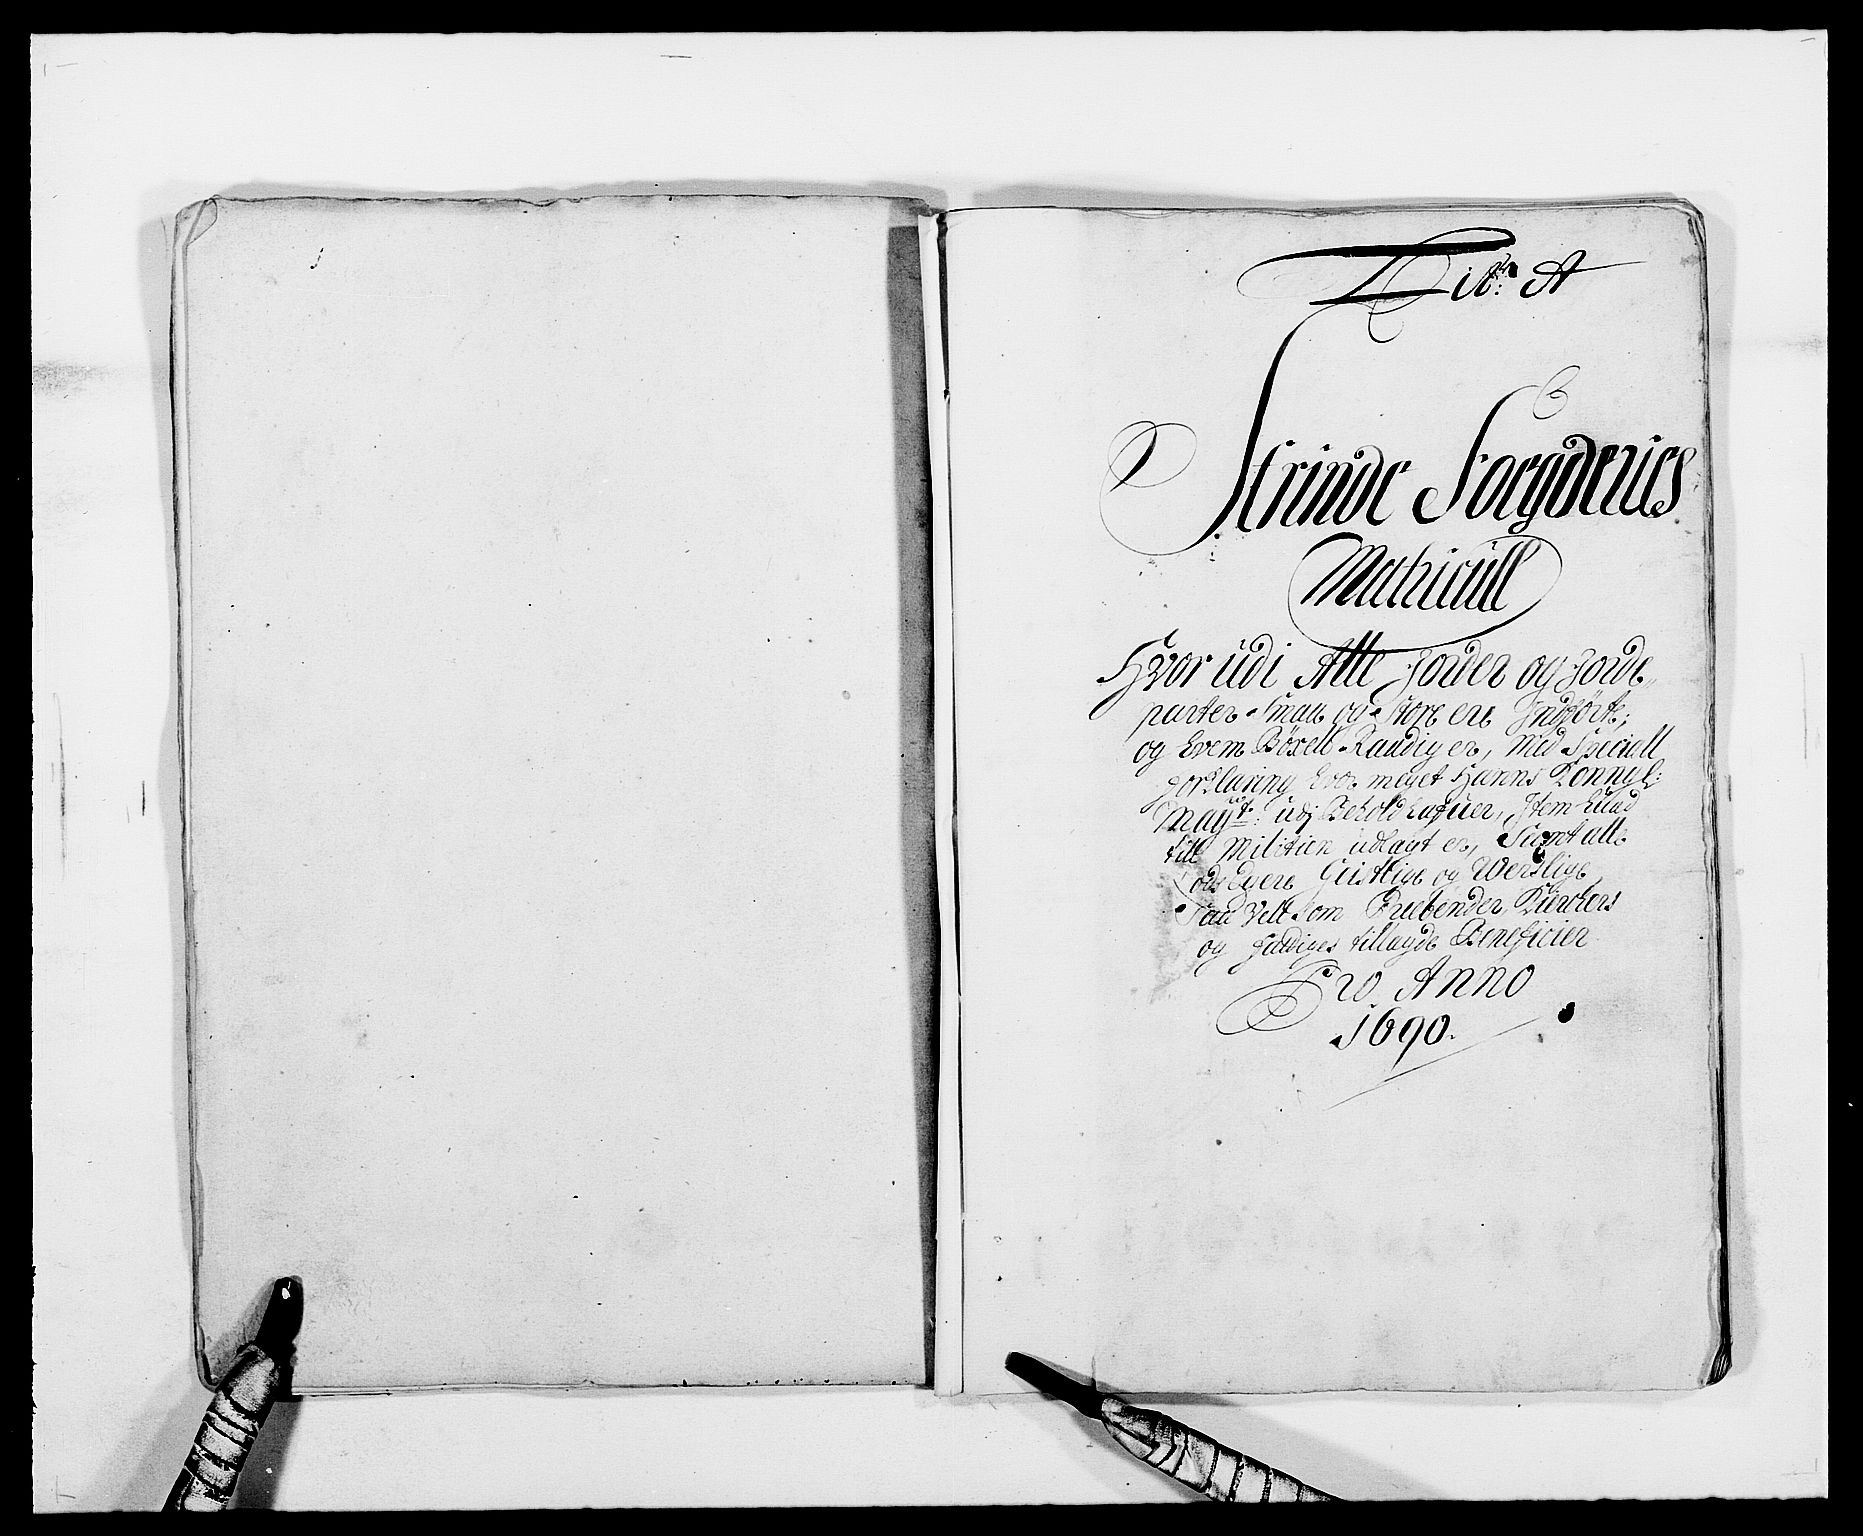 RA, Rentekammeret inntil 1814, Reviderte regnskaper, Fogderegnskap, R61/L4102: Fogderegnskap Strinda og Selbu, 1689-1690, s. 136